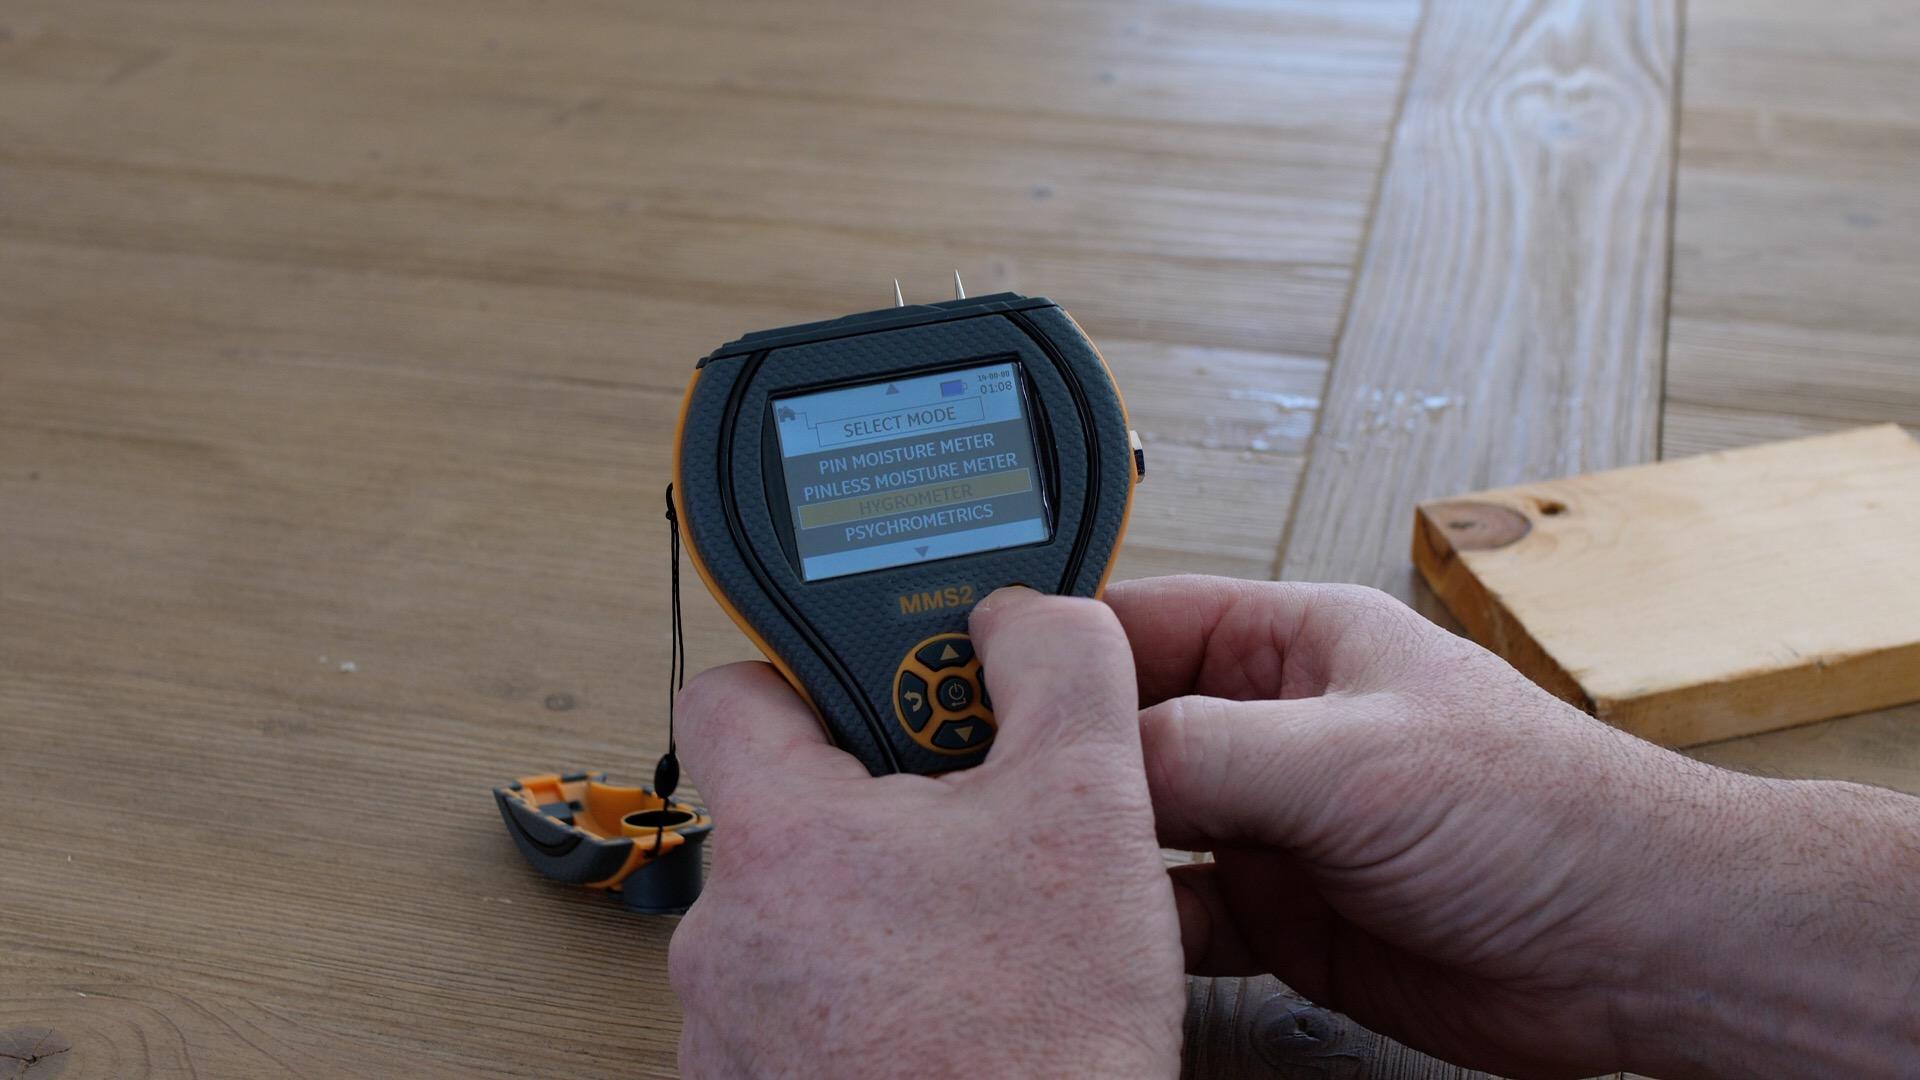 Hurricane Damage Restoration & Moisture Meter Preparation